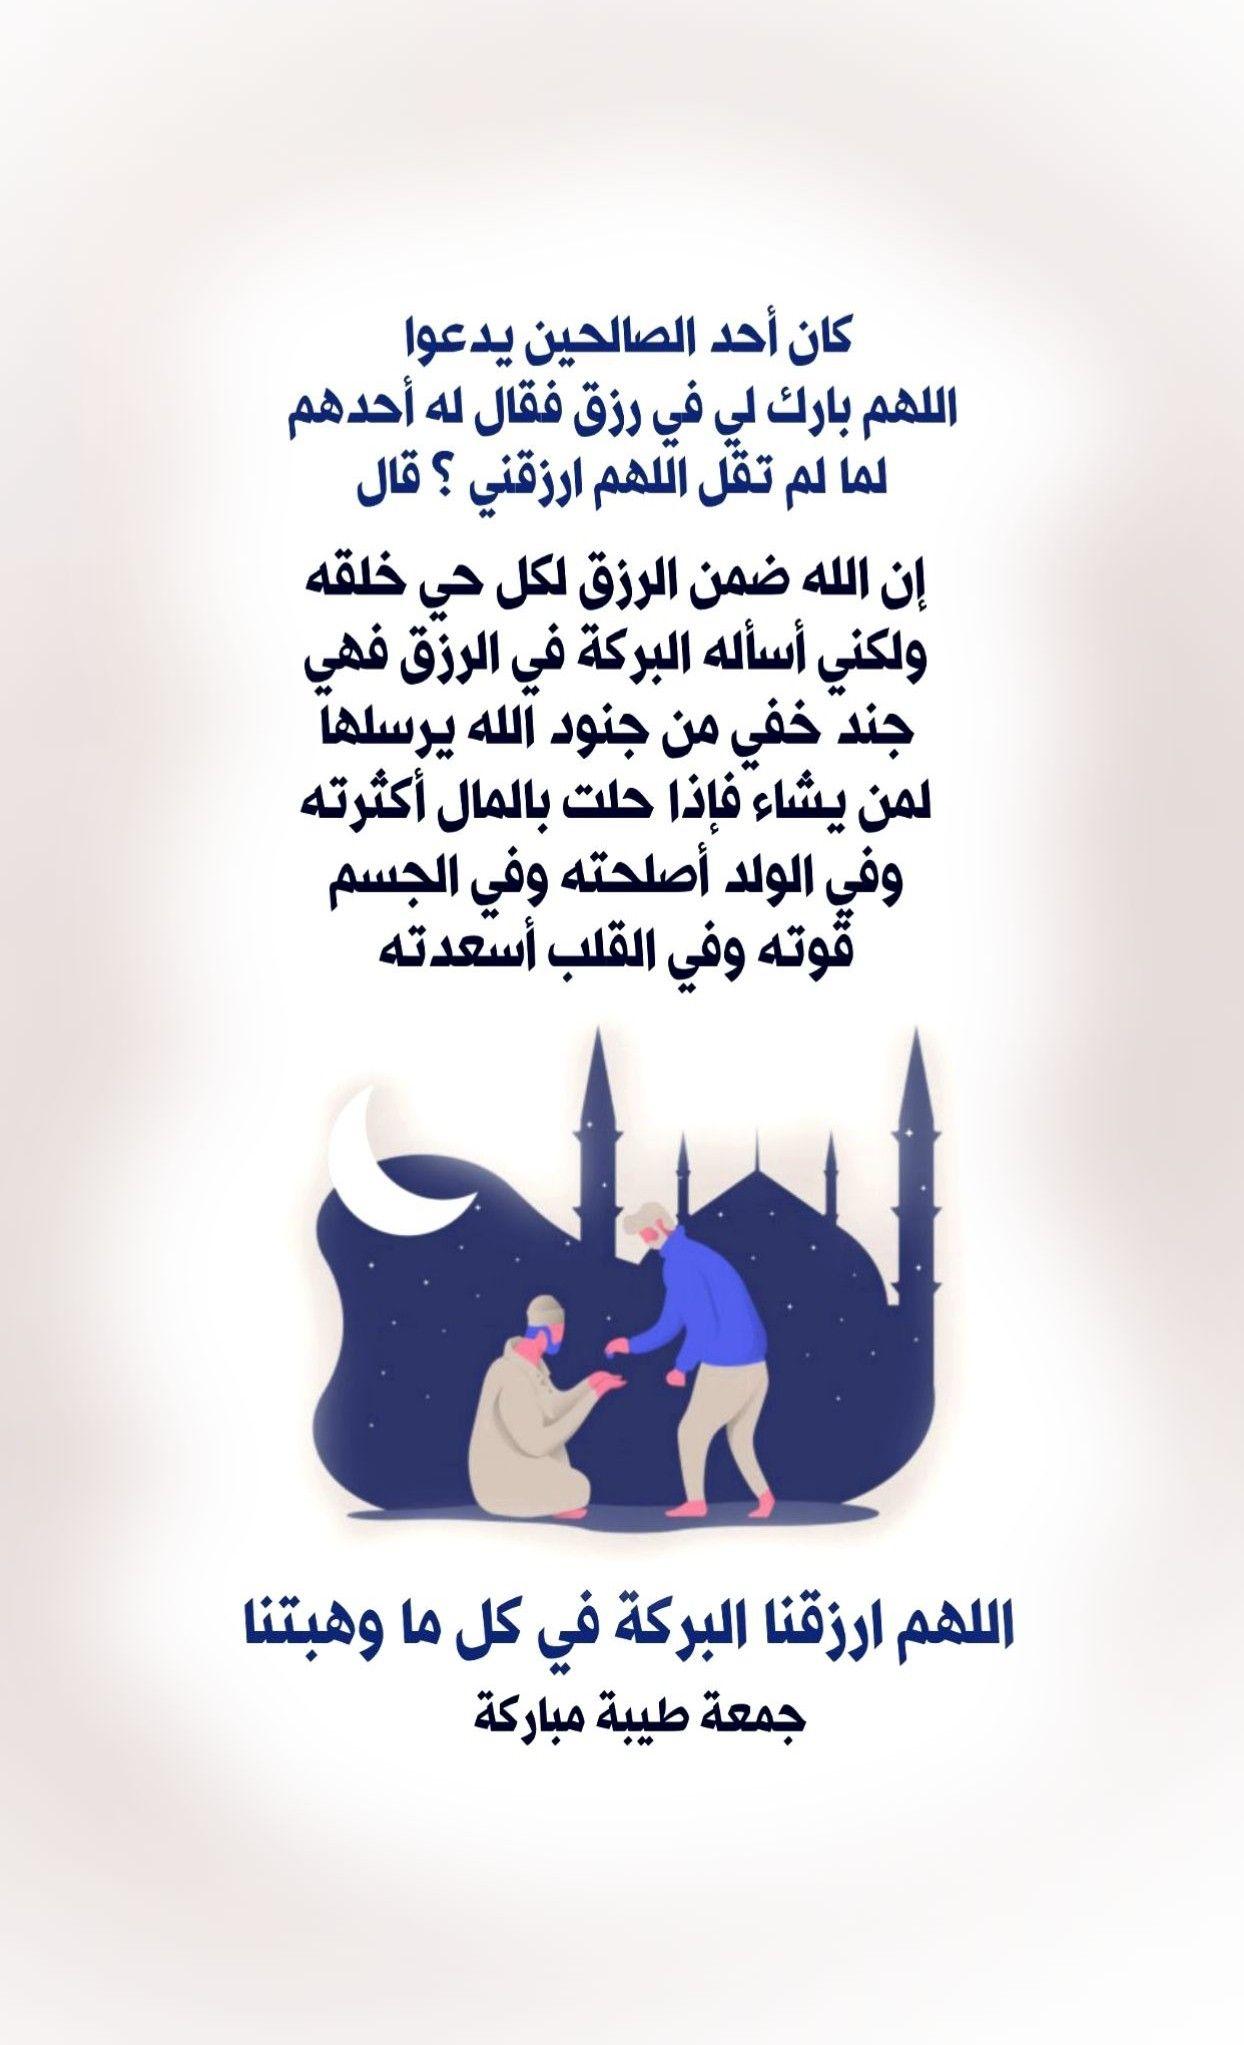 كان أحد الصالحين يدعوا اللهم بارك لي في رزق فقال له أحدهم لما لم تقل اللهم أرزقني قال إ Beautiful Arabic Words Romantic Love Quotes Islamic Quotes Quran